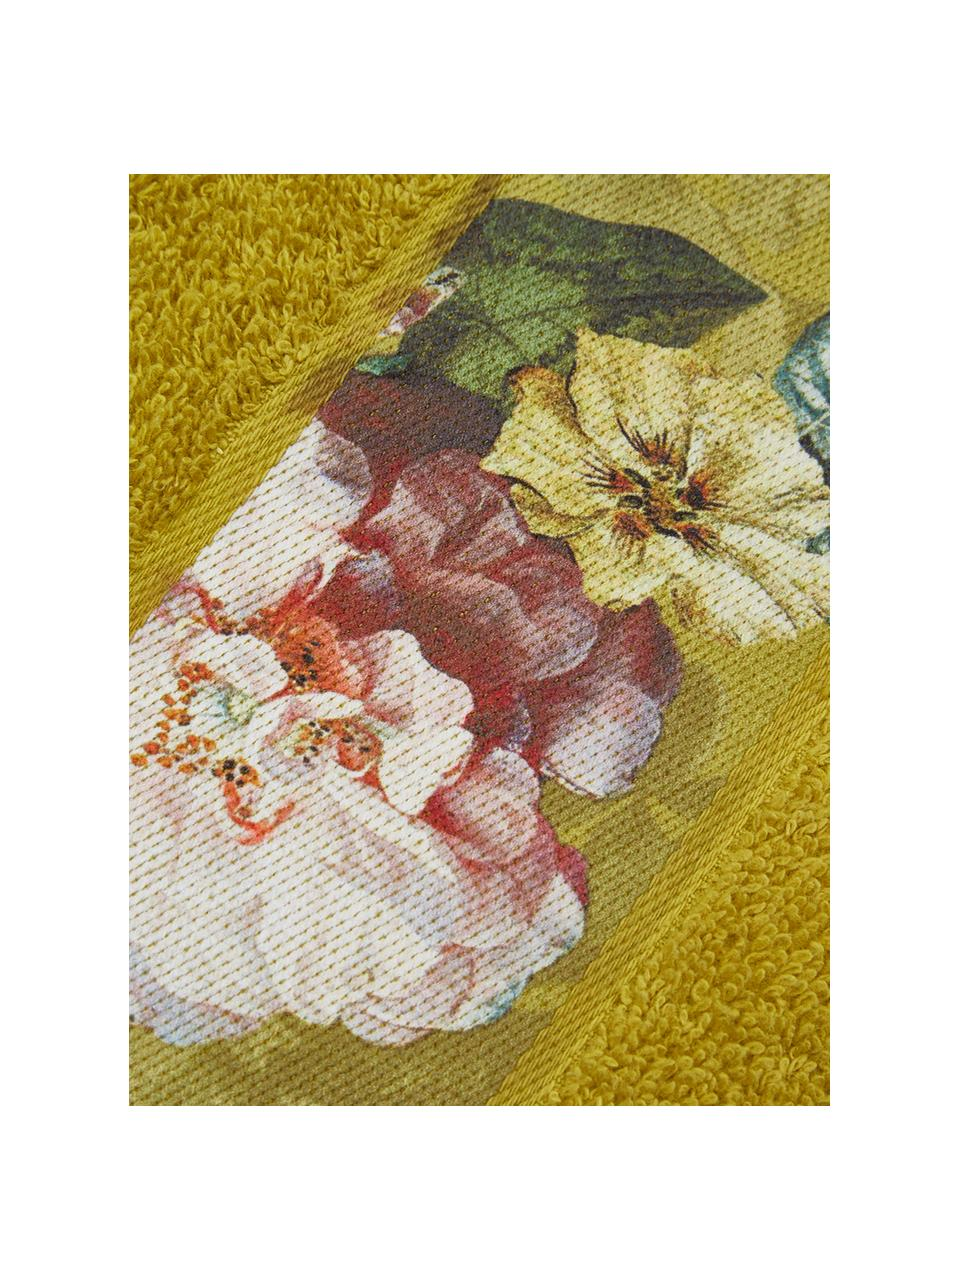 Handtuch Fleur in verschiedenen Größen, mit Blumen-Bordüre, 97% Baumwolle, 3% Polyester, Senfgelb, Mehrfarbig, Gästehandtuch